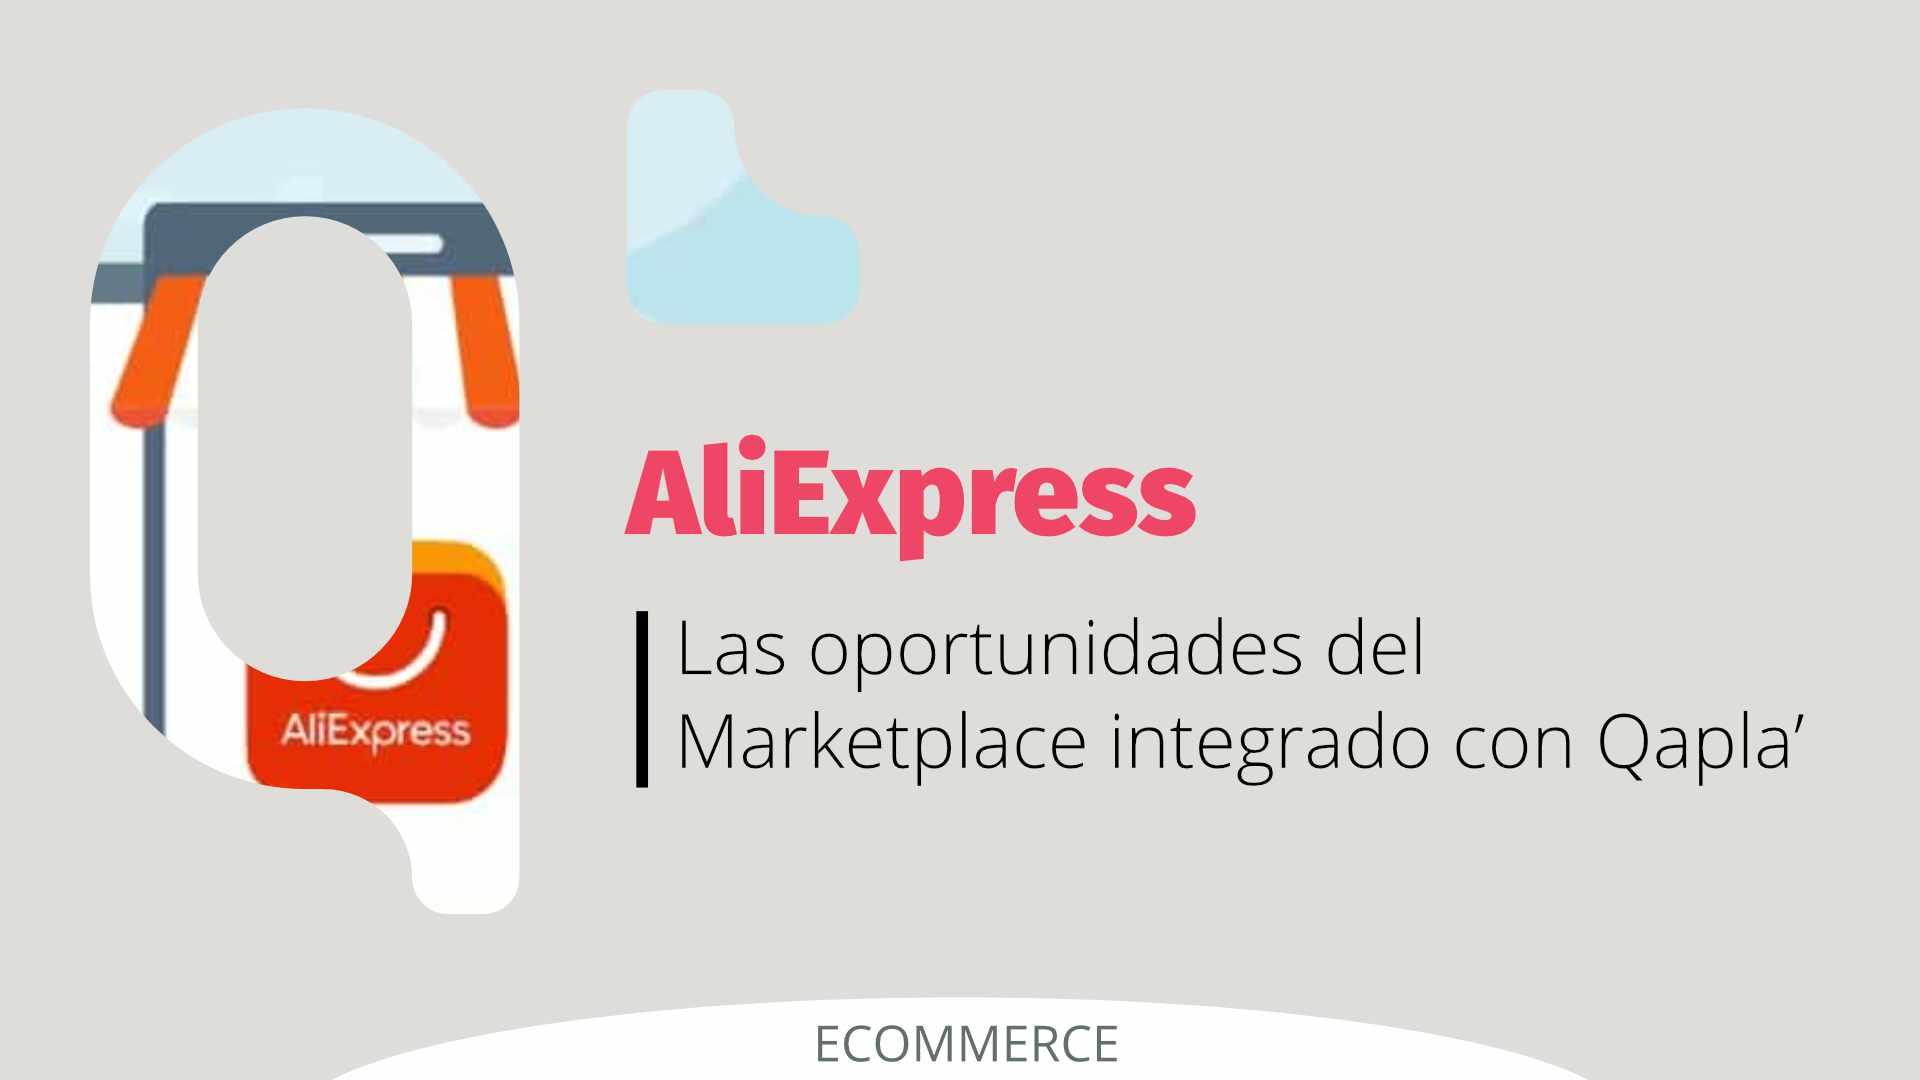 AliExpress: las oportunidades del Marketplace integrado con Qapla'